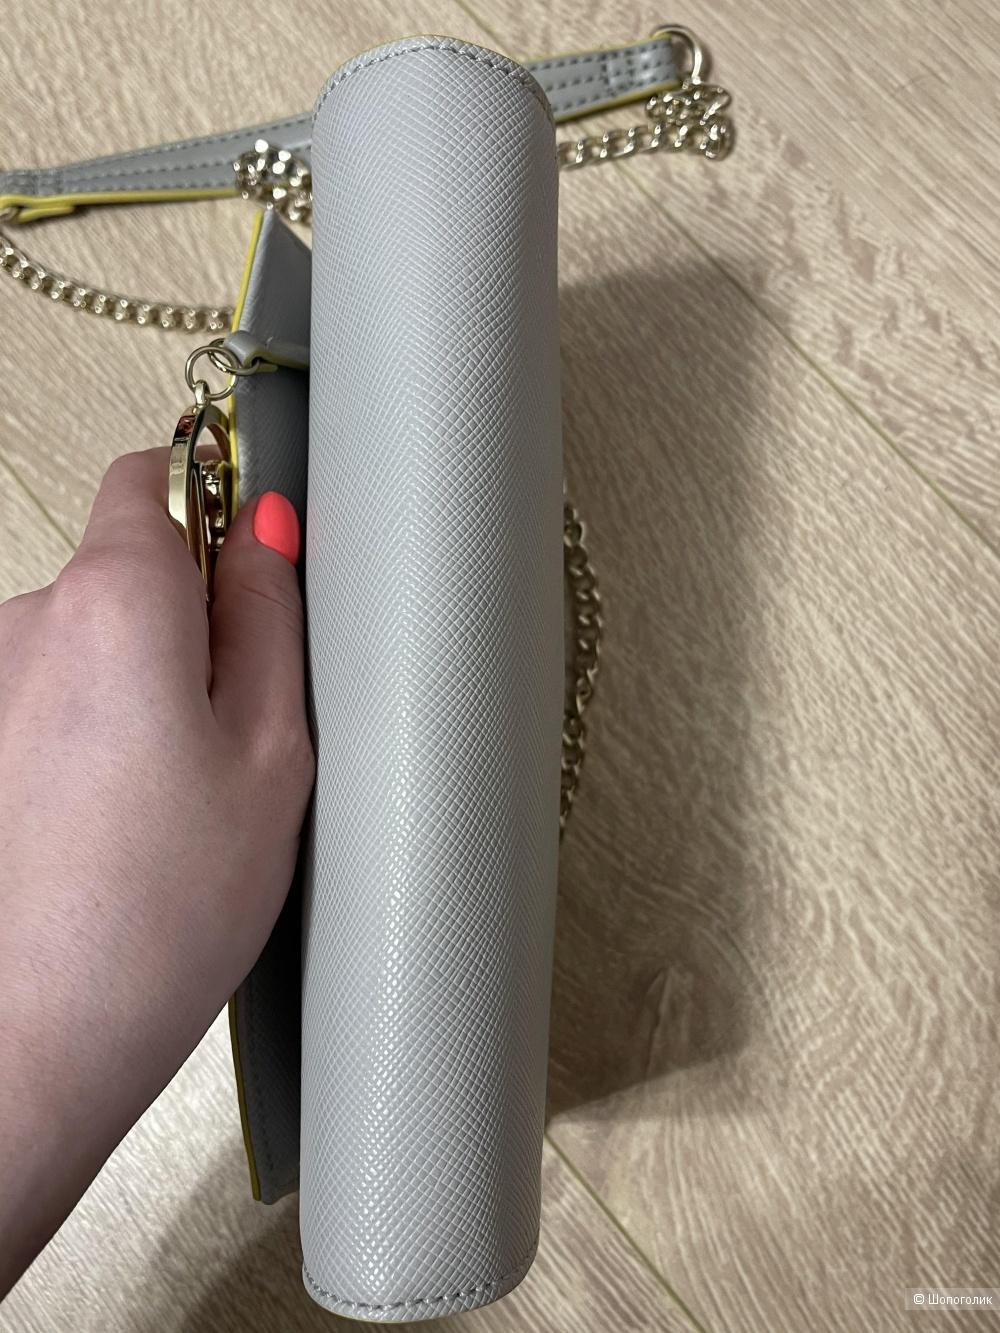 Сумка Trussardi jeans размер 22 на 15 см